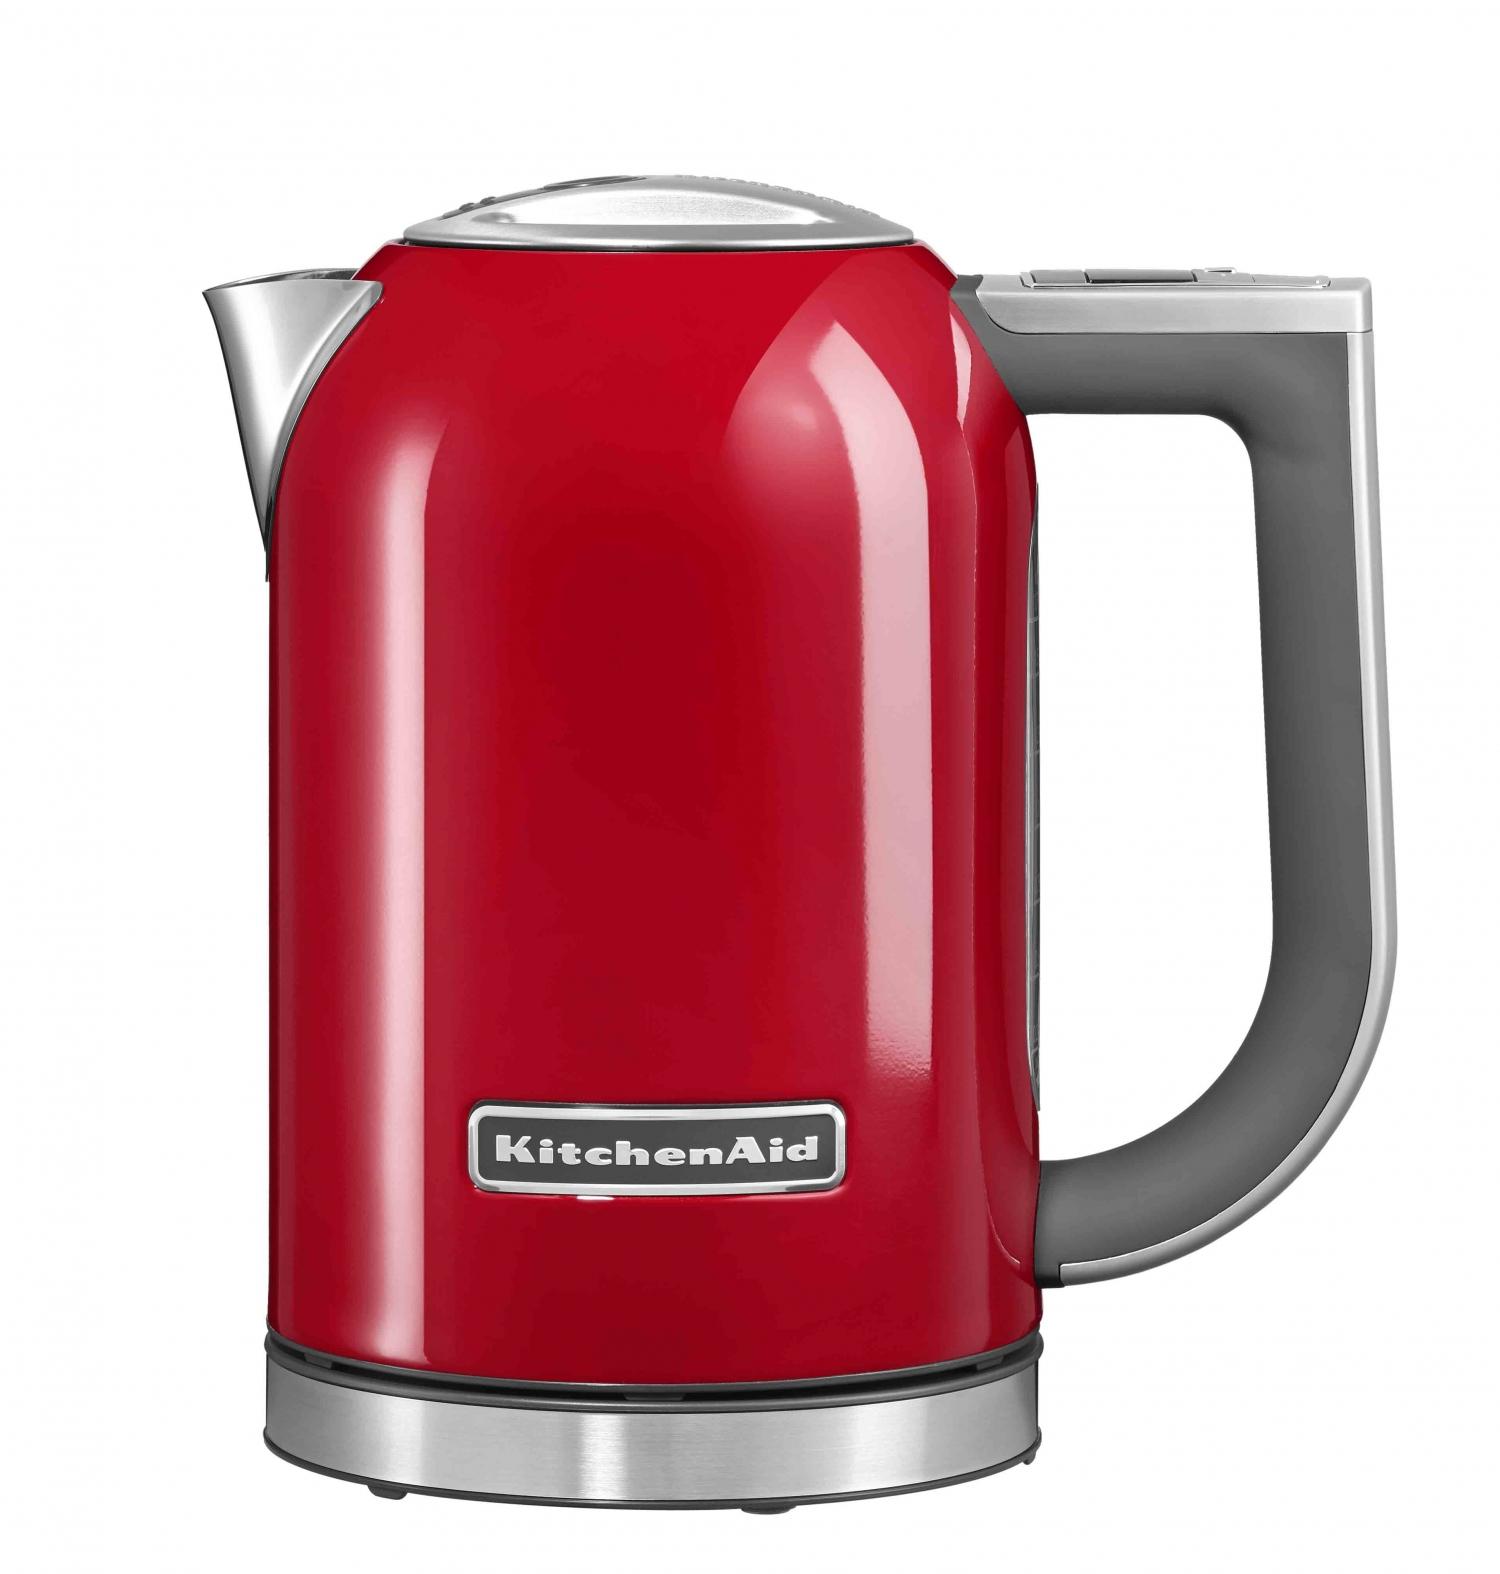 KitchenAid 5KEK1722 Bouilloire 1.7 L à température variable 50 à 100 °C... par LeGuide.com Publicité